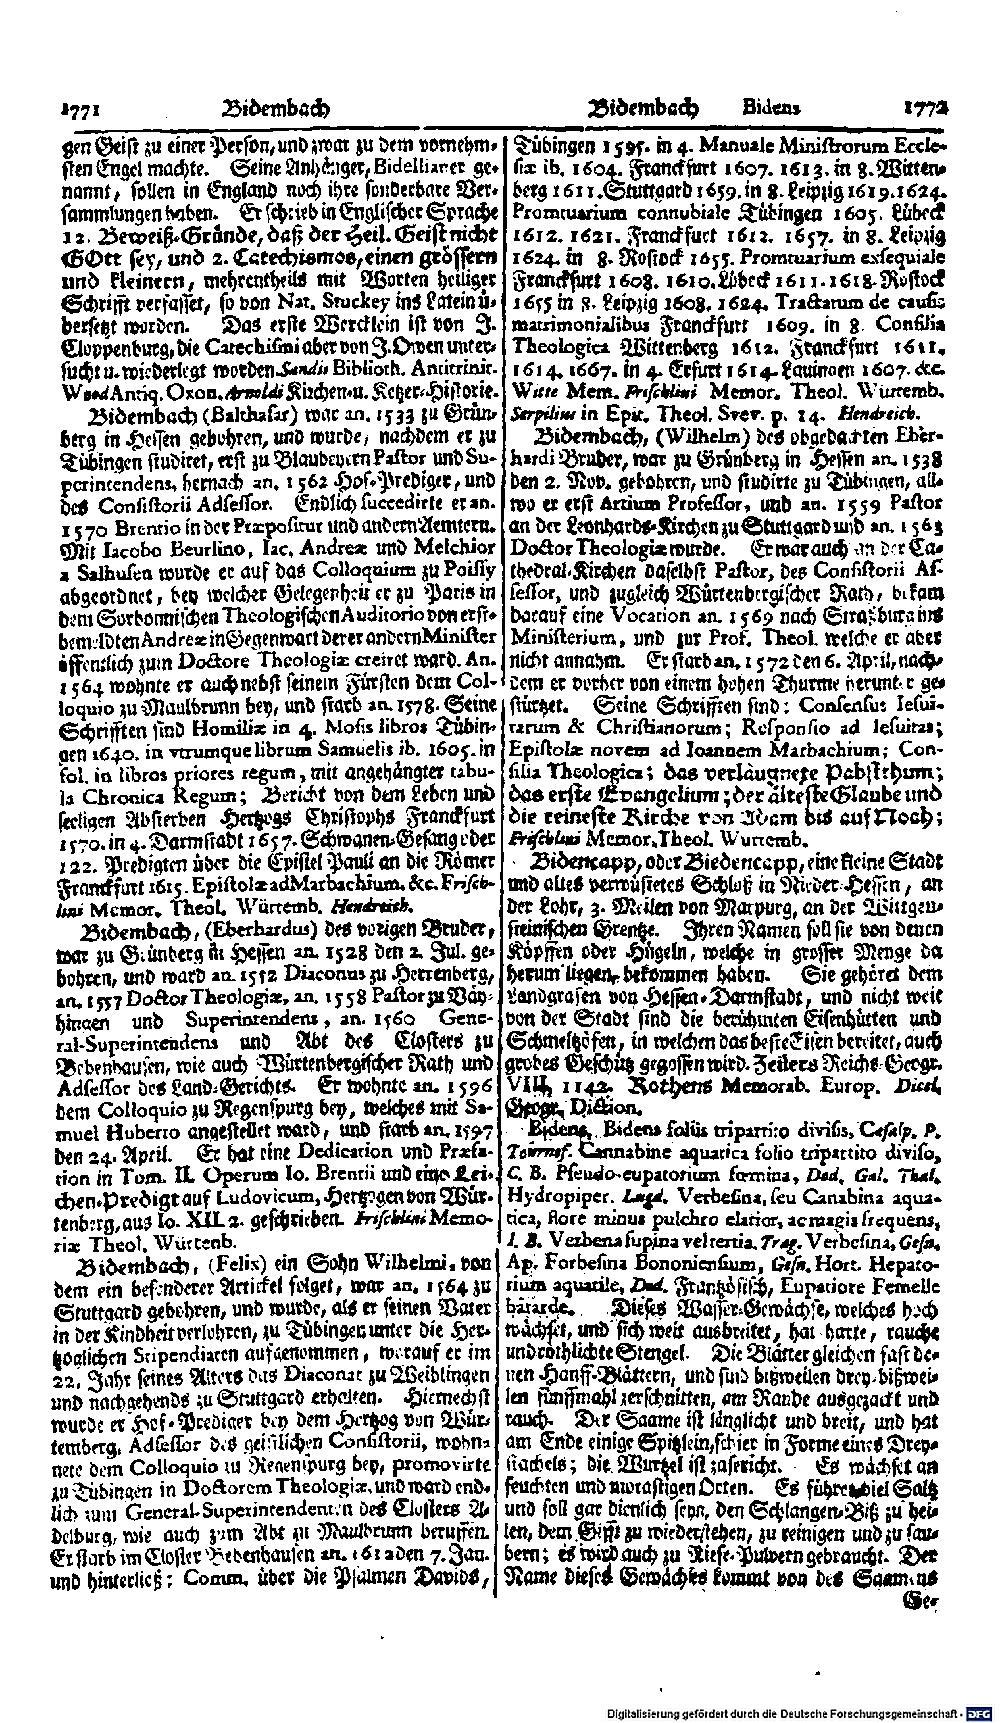 Bd. 3, Seite 0897.